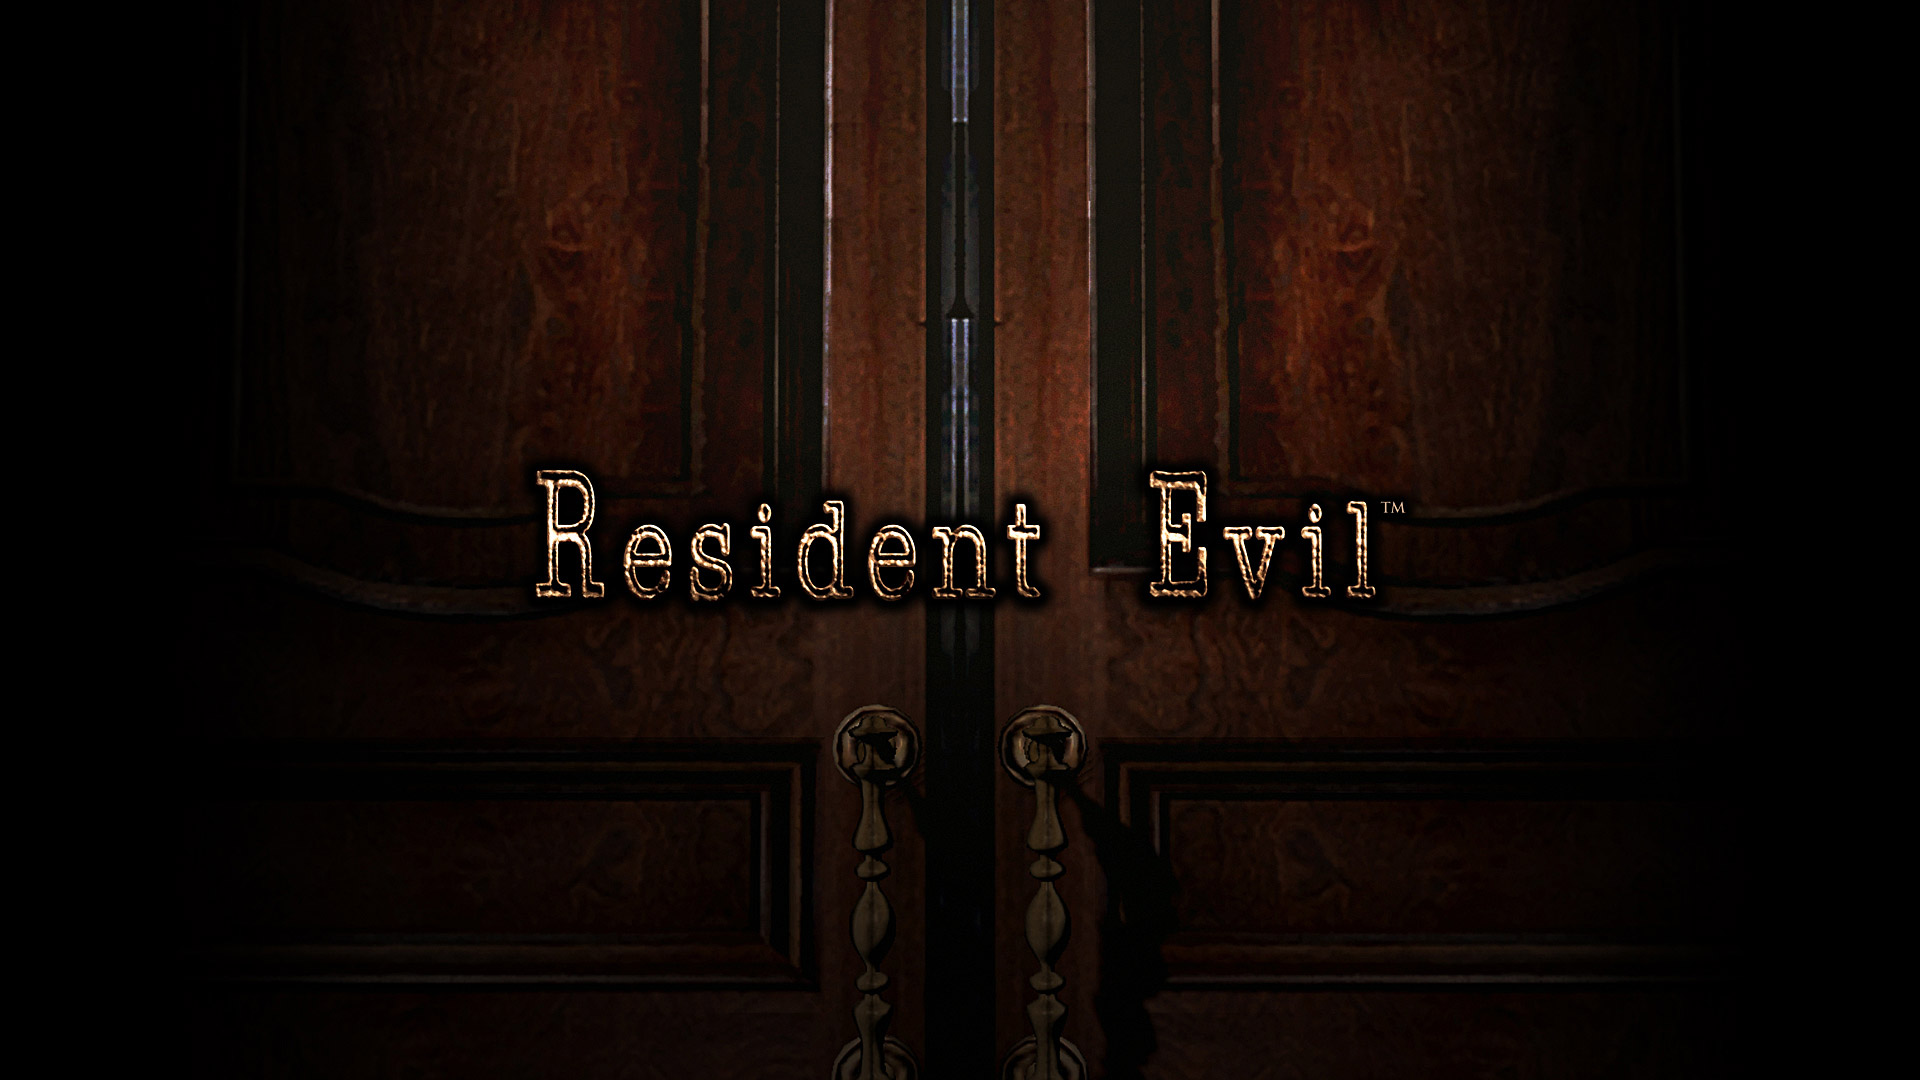 Free Resident Evil Wallpaper in 1920x1080